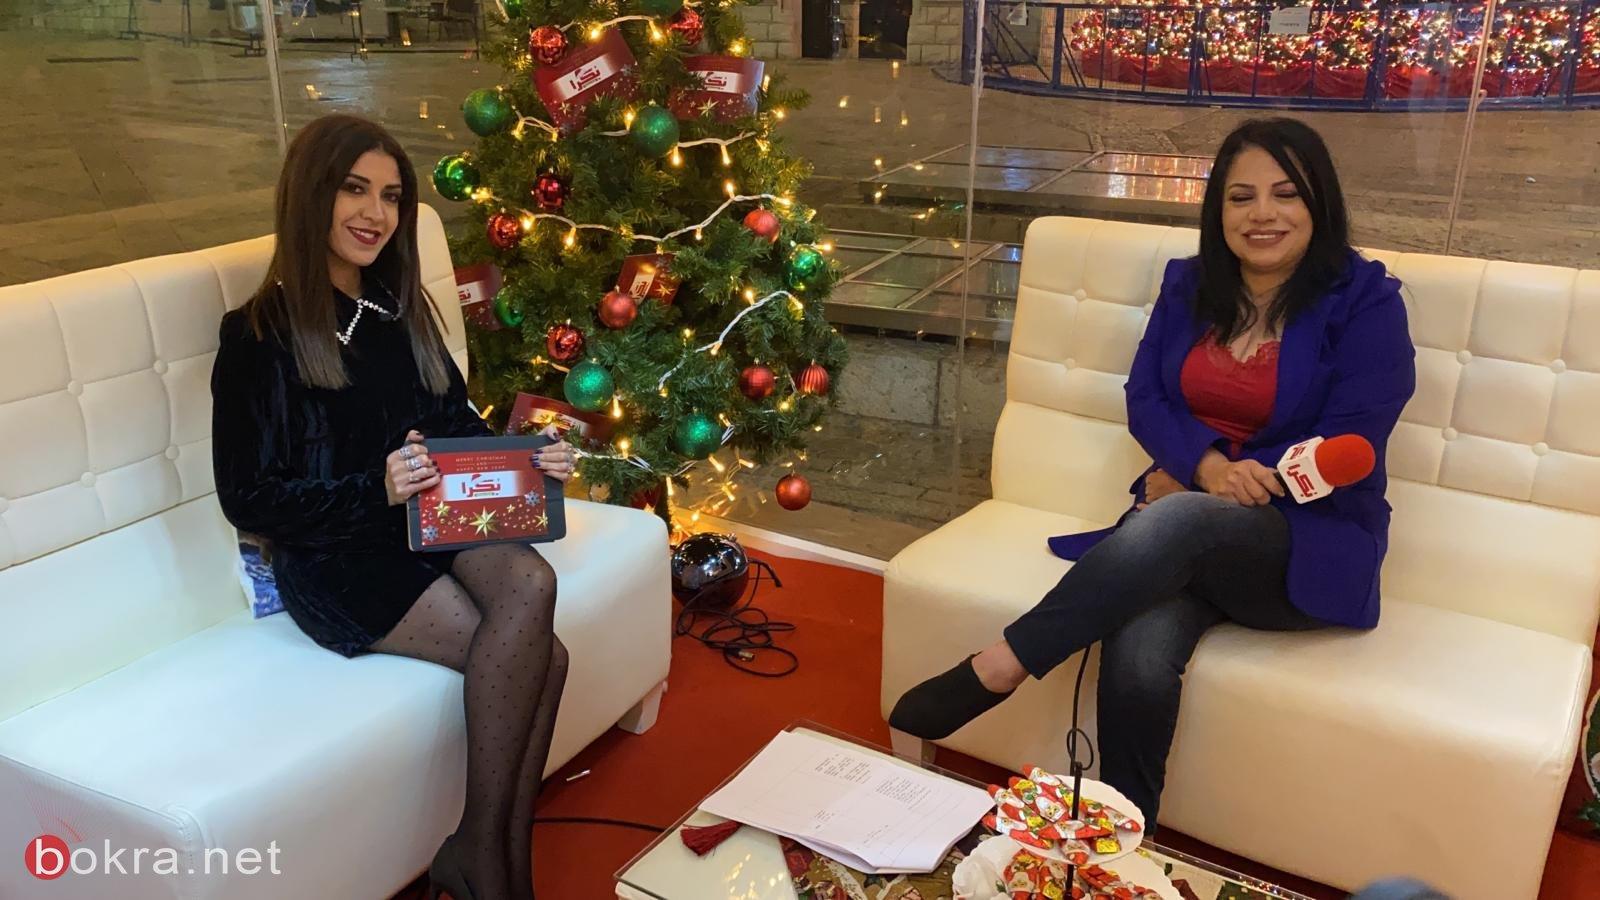 """اليوم اختتام فعاليات ستوديو كريسماس بكرا""""، مقابلات حصرية وخاصة-4"""